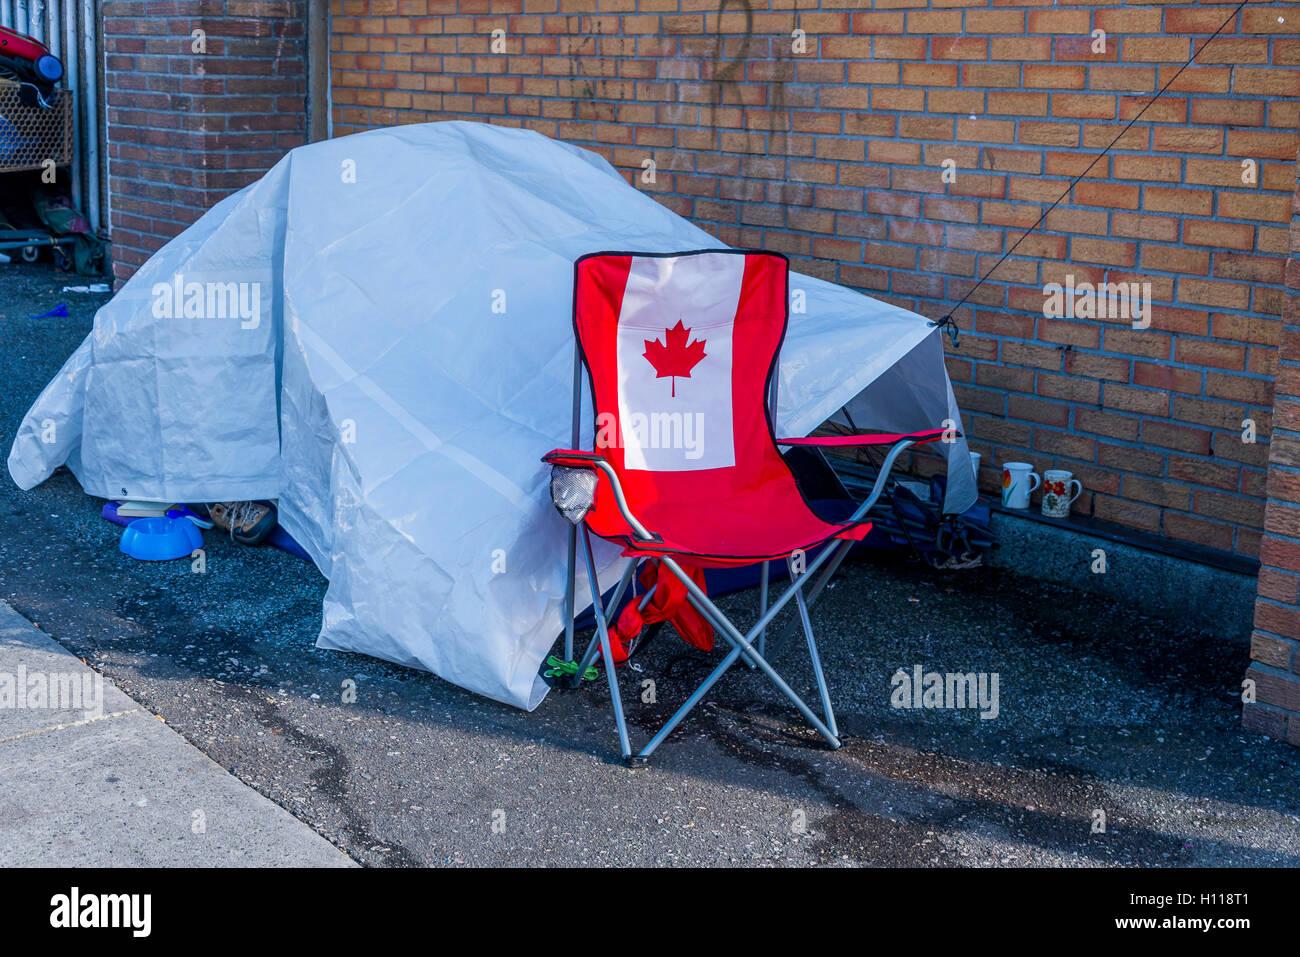 Sans-abri DU DOWNTOWN EASTSIDE tente de fortune sur le trottoir, Vancouver, British Columbia, Canada, Banque D'Images